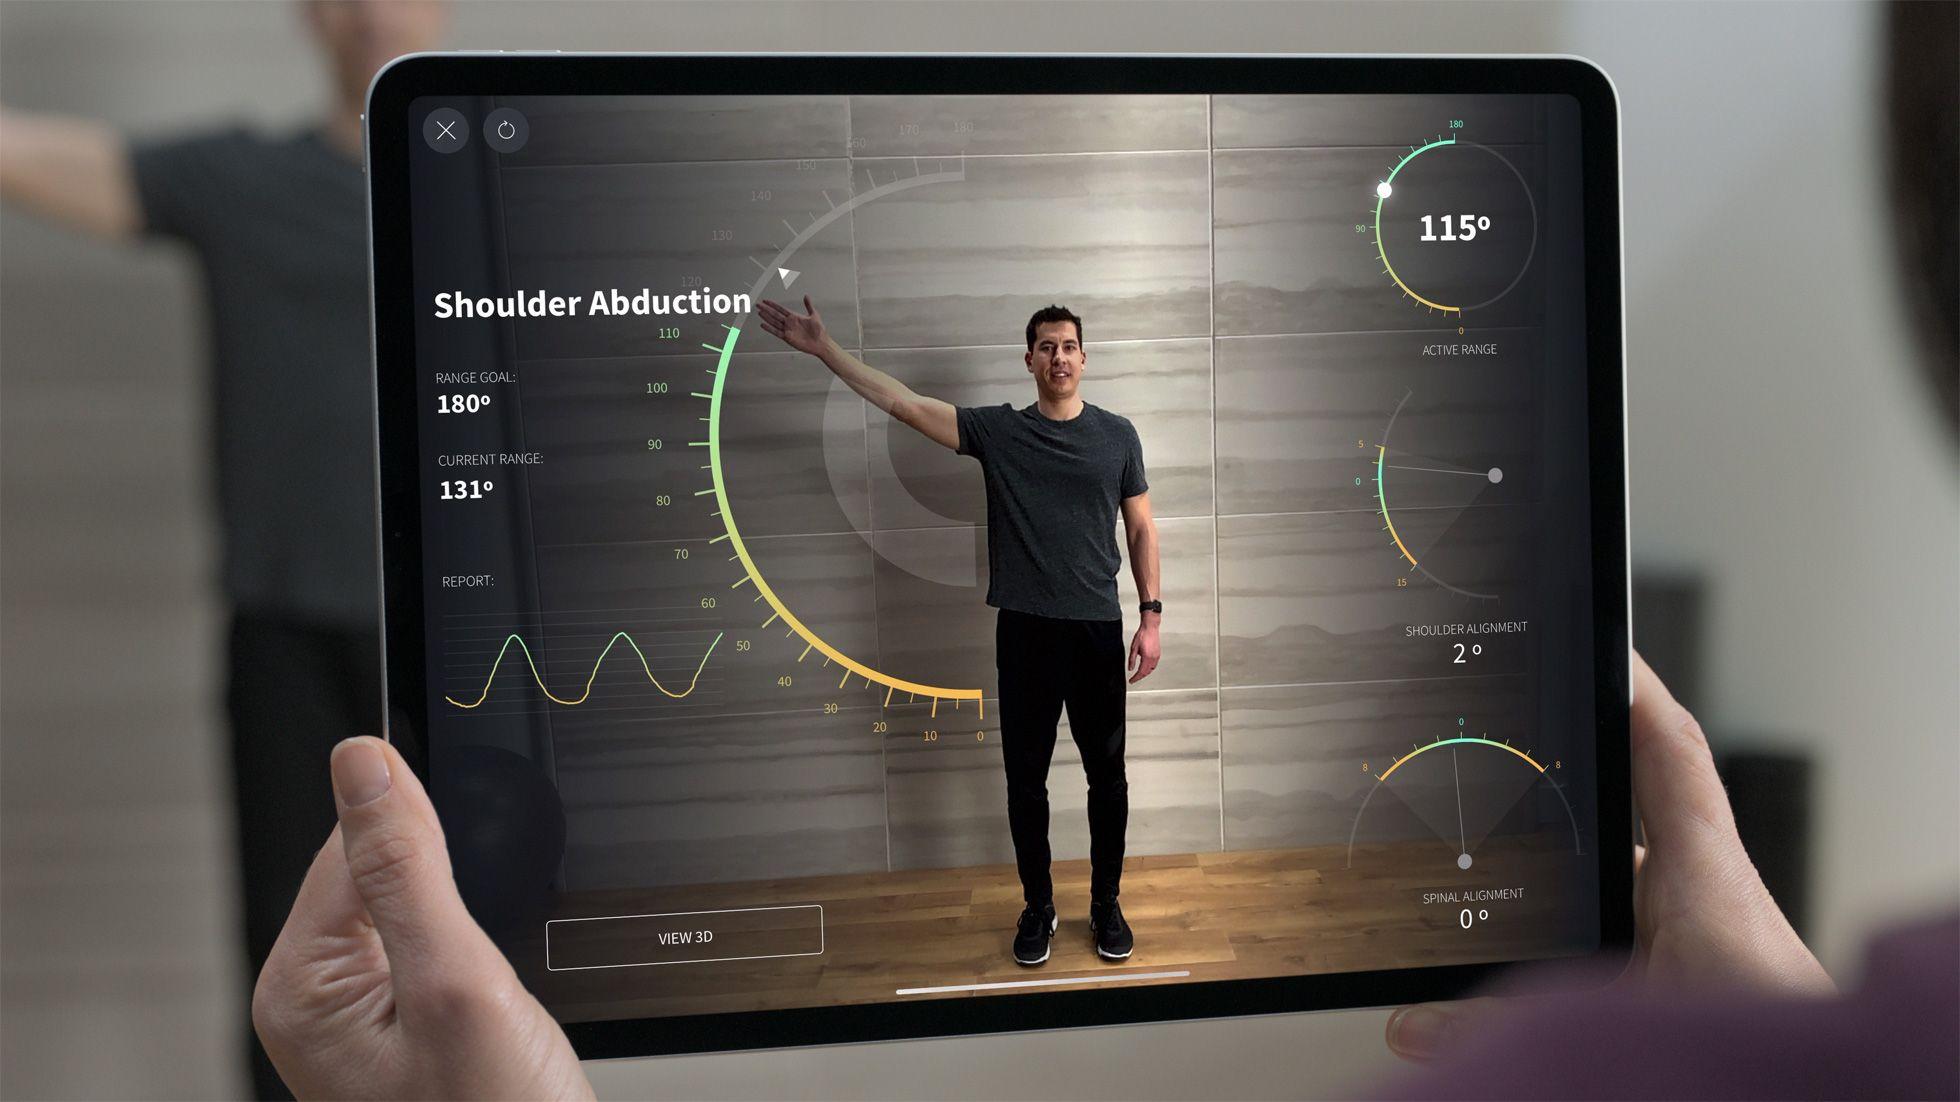 Den nye lidarsensoren skal gi betydelig bedre omgivelsesskanning, og kan blant annet brukes til apper som denne, kalt Complete Anatomy. Apples egen målingsapp blir også oppgradert.